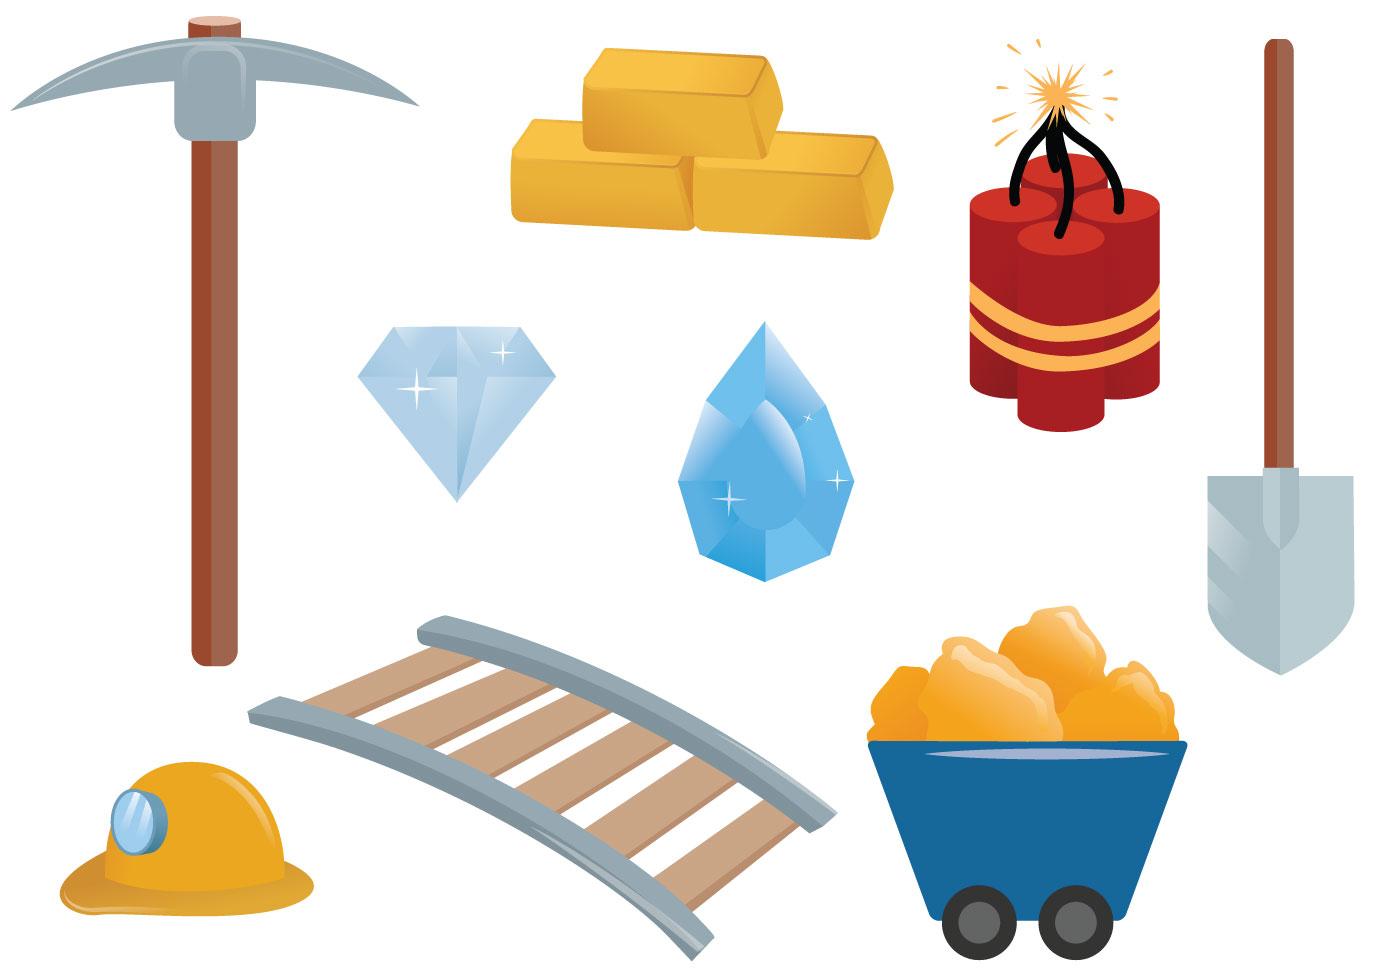 Free Mining Vectors - Download Free Vectors, Clipart Graphics & Vector Art